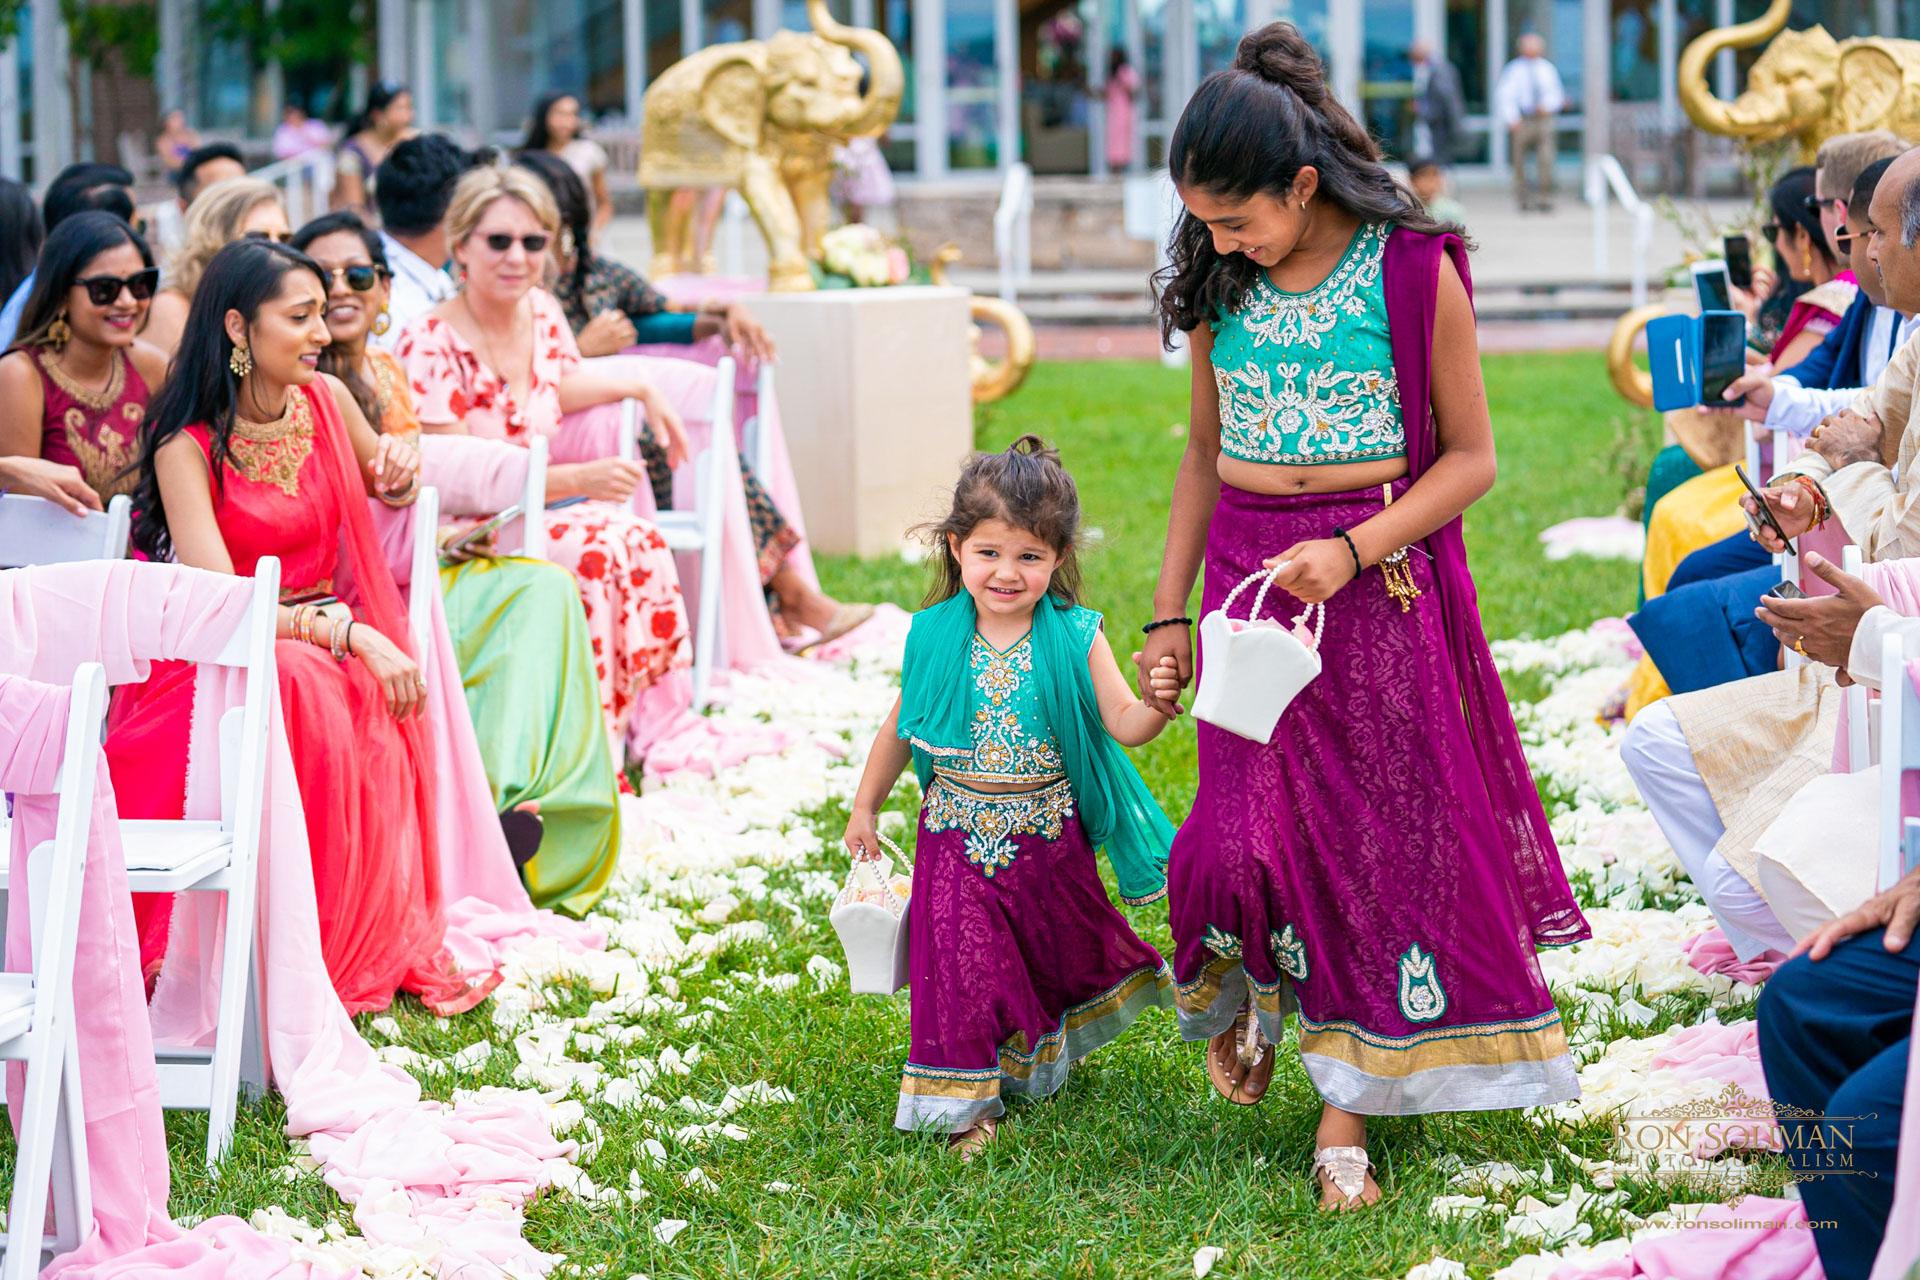 Hyatt Regency Chesapeake Bay Wedding 18